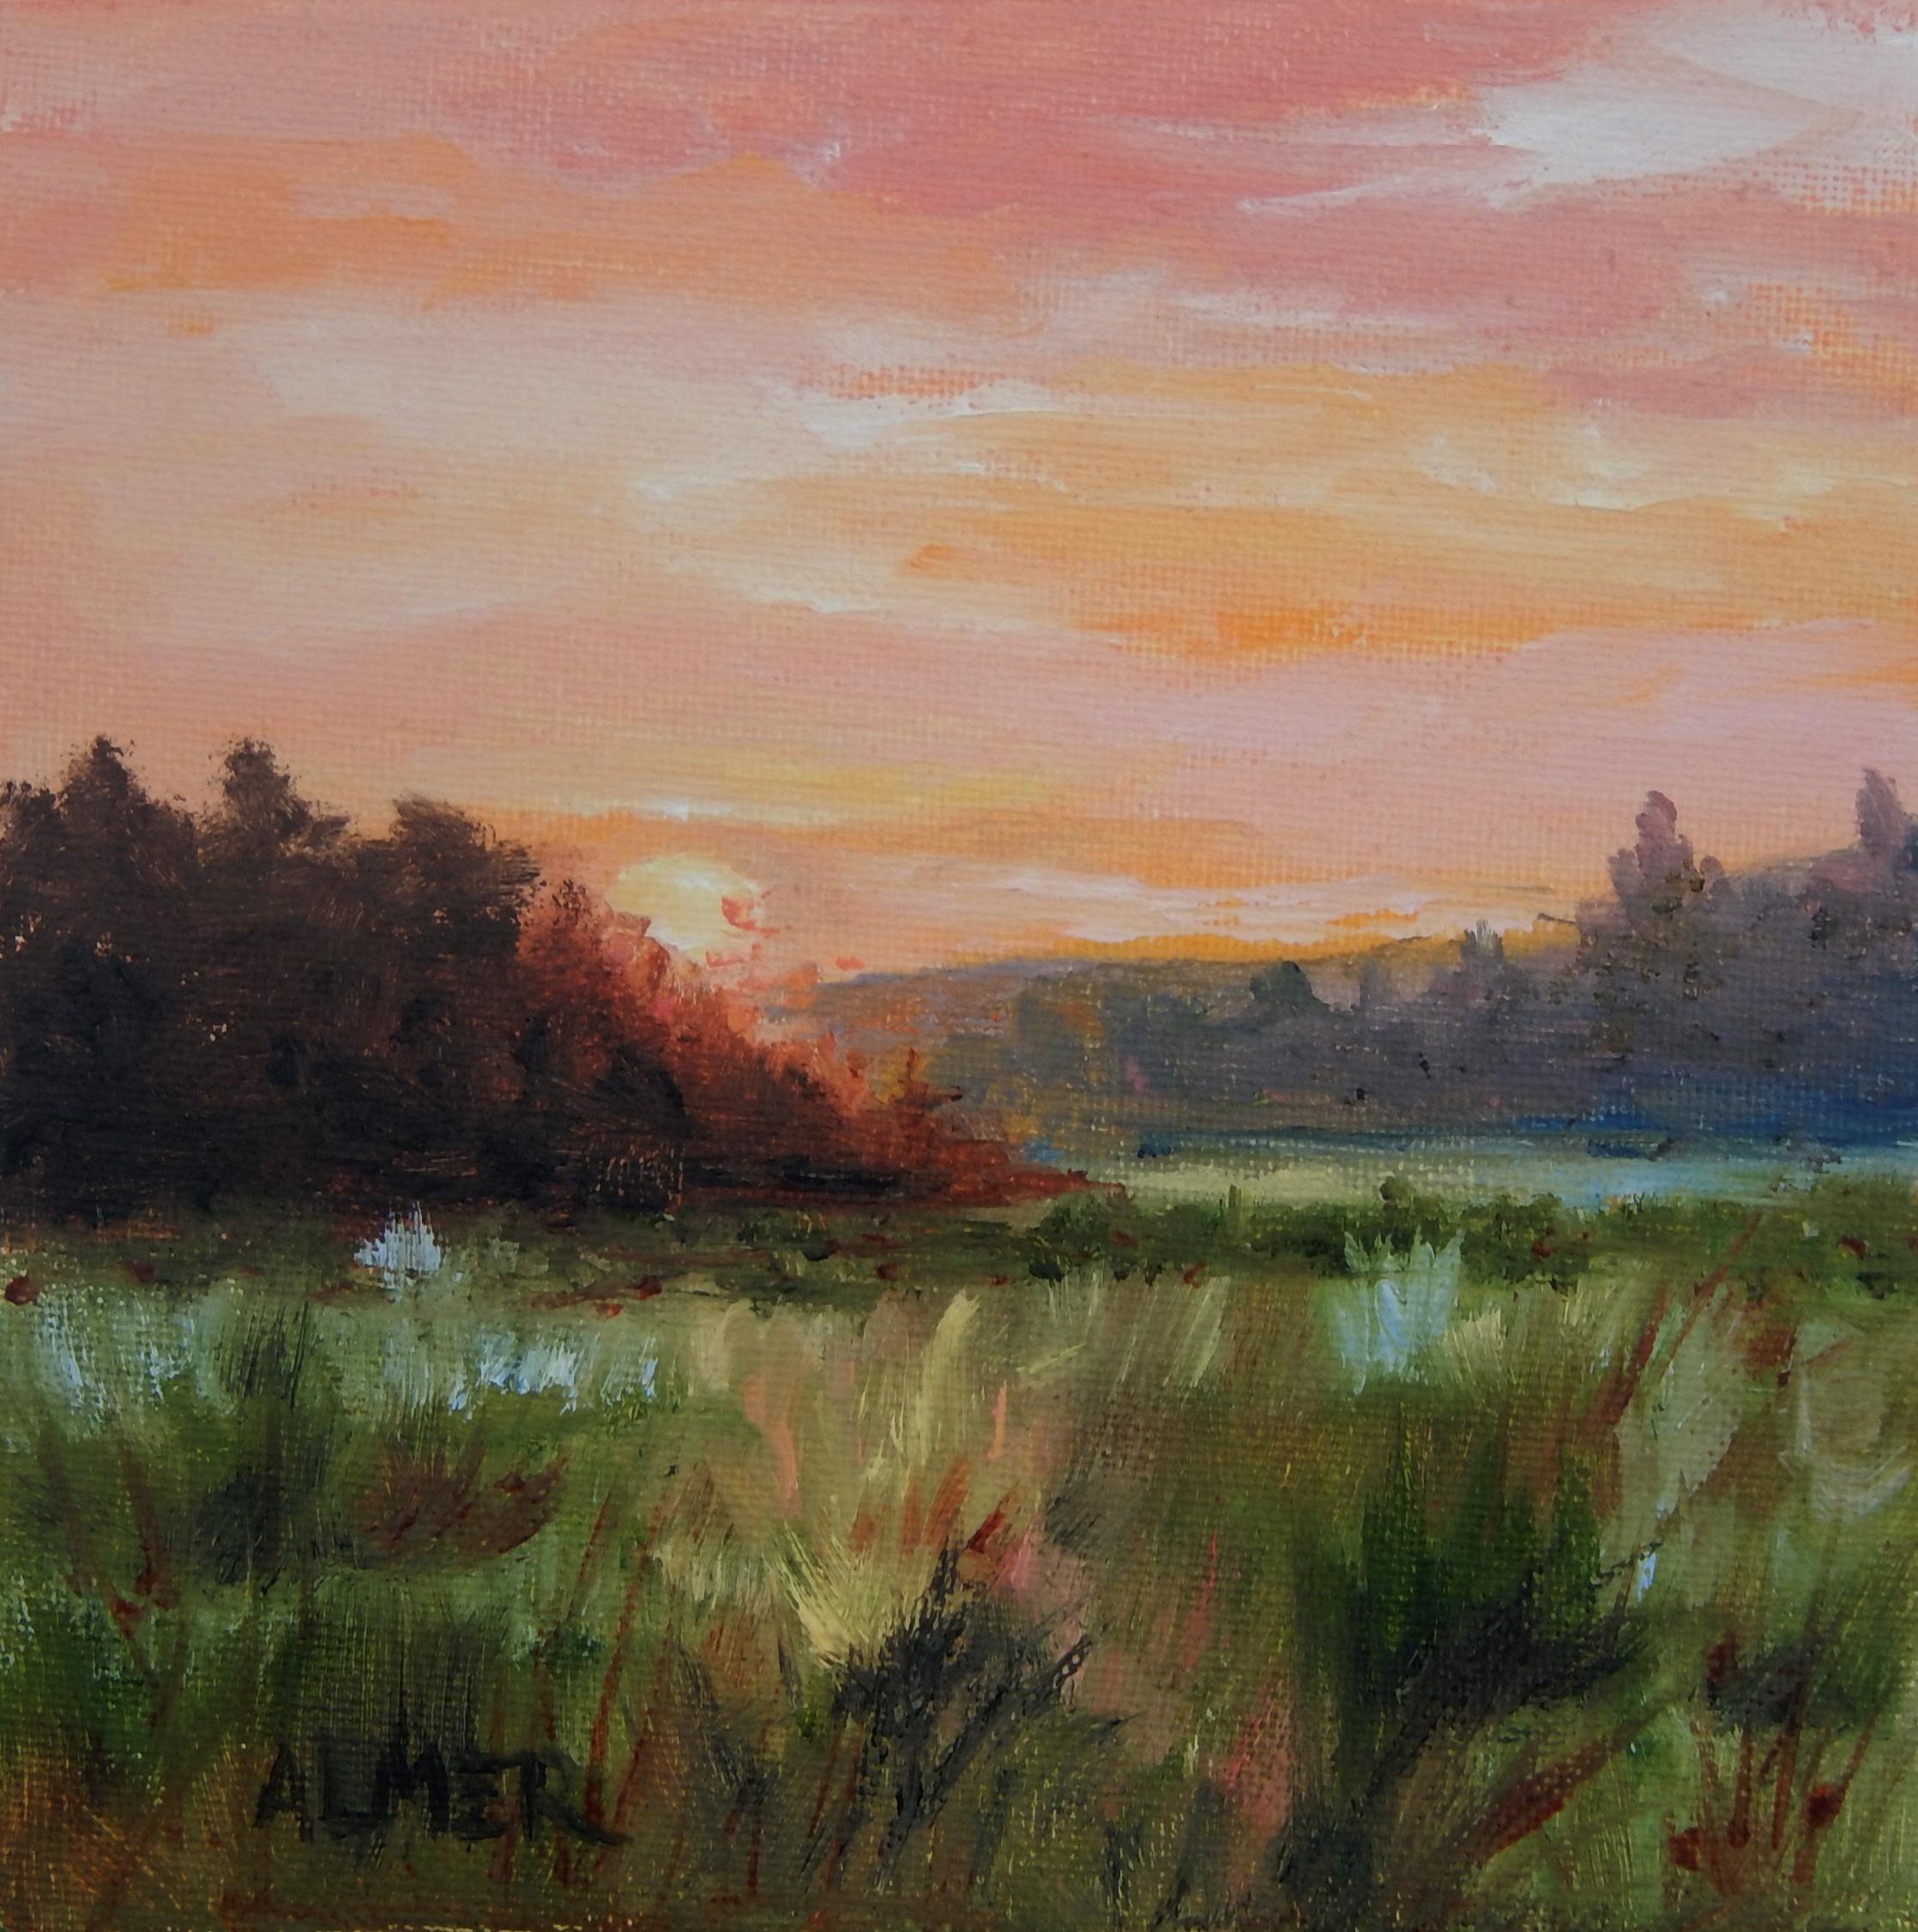 Daylight Meadow